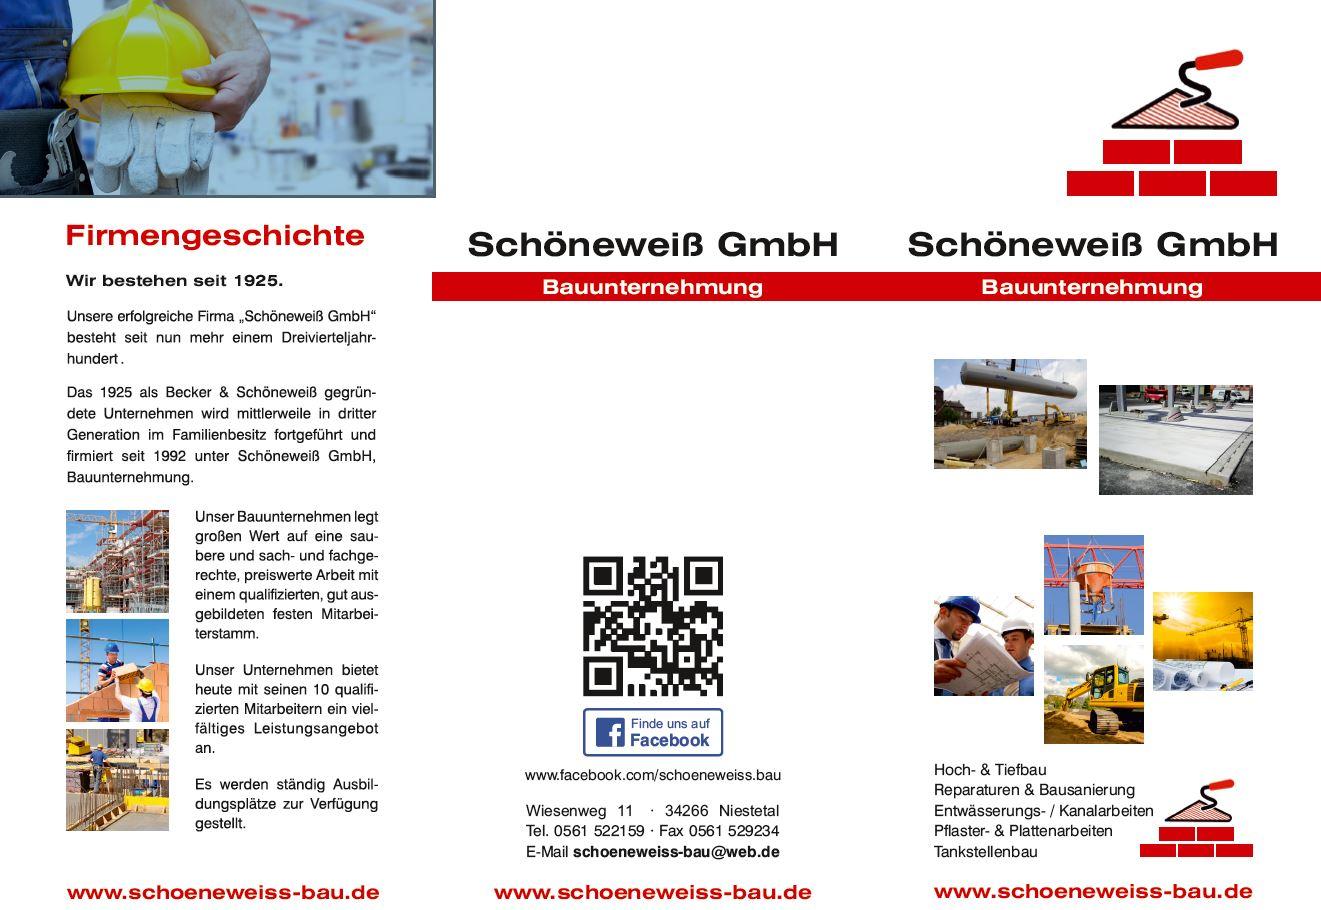 sch newei gmbh bauunternehmung bauunternehmen niestetal sandershausen deutschland tel. Black Bedroom Furniture Sets. Home Design Ideas